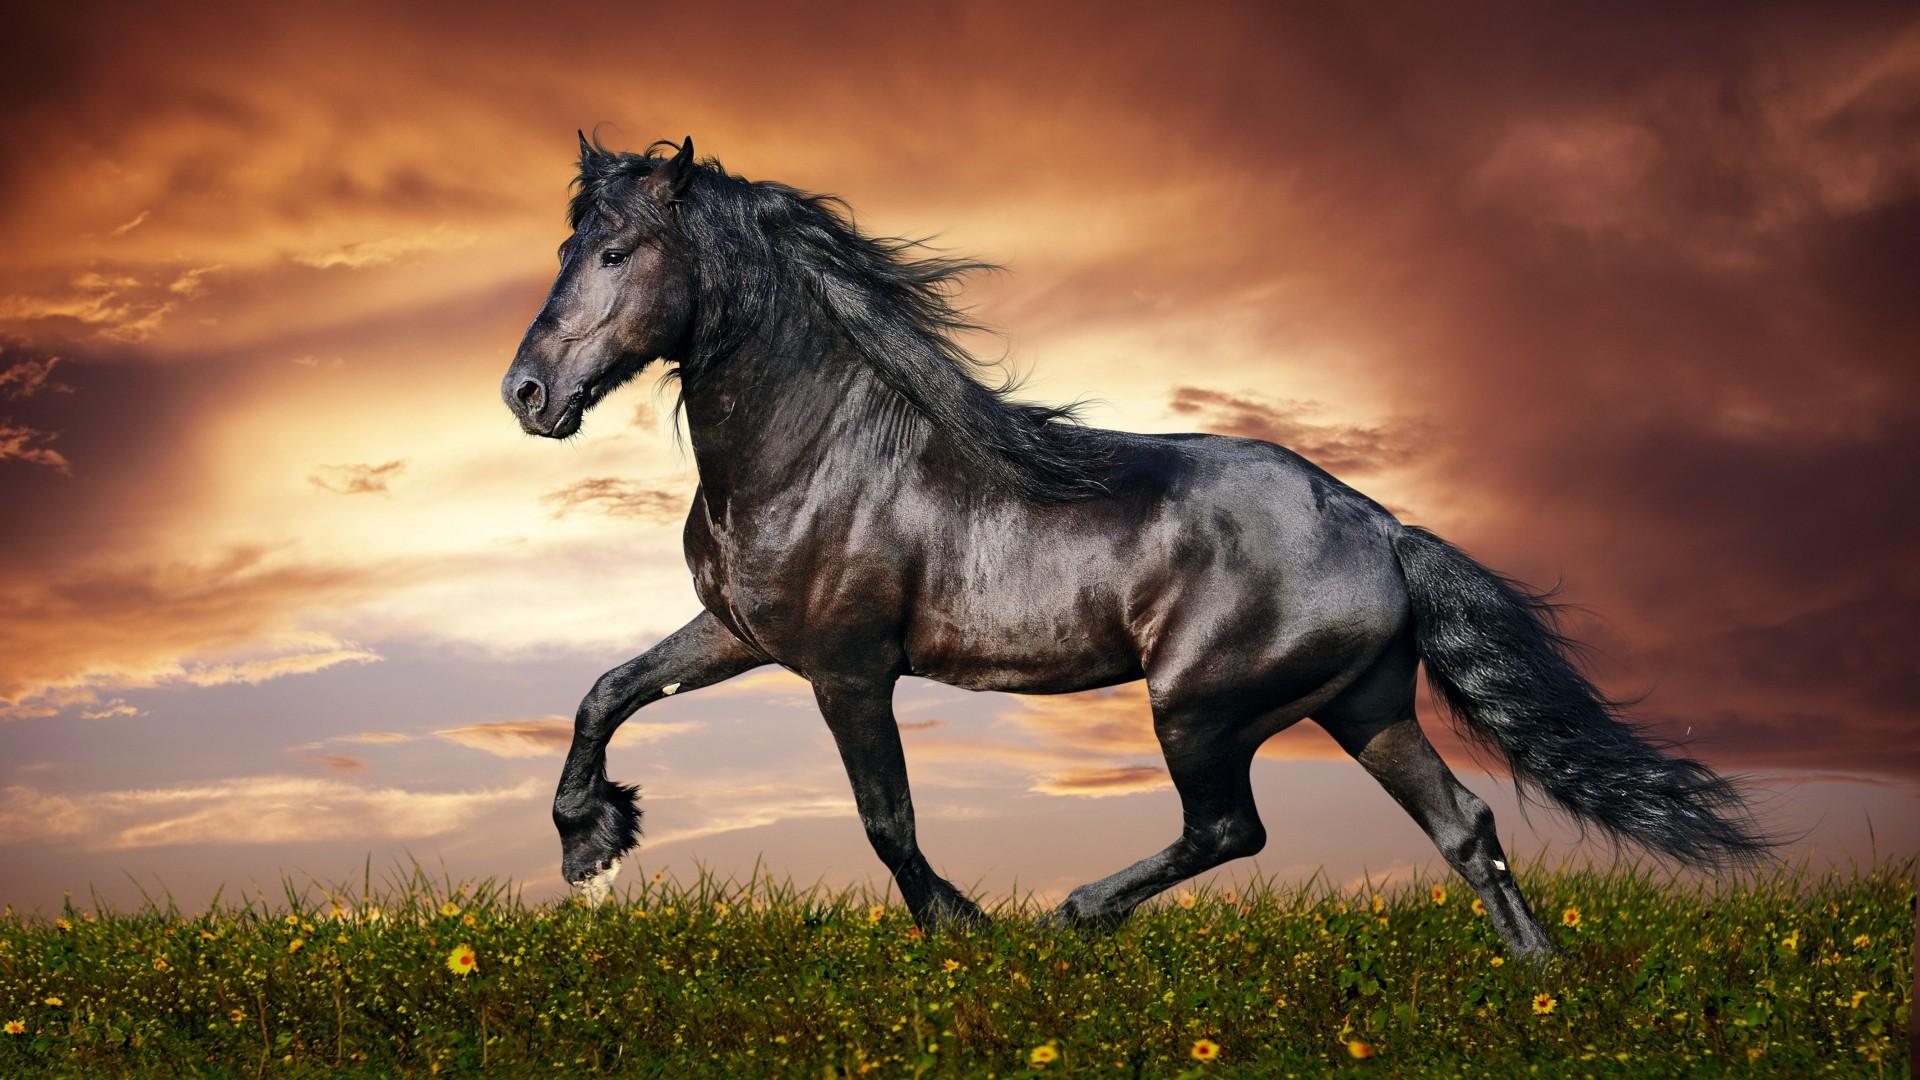 Horse 5k 4k Wallpaper Hooves Mane Galloping Black